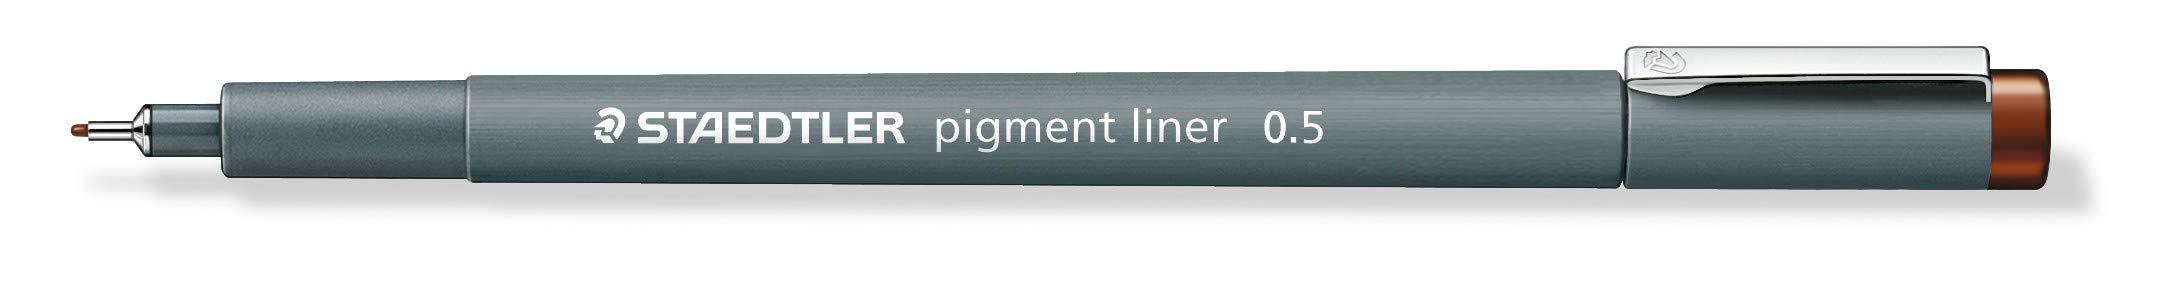 Staedtler 308 05-76 Pigment Liner by STAEDTLER (Image #2)